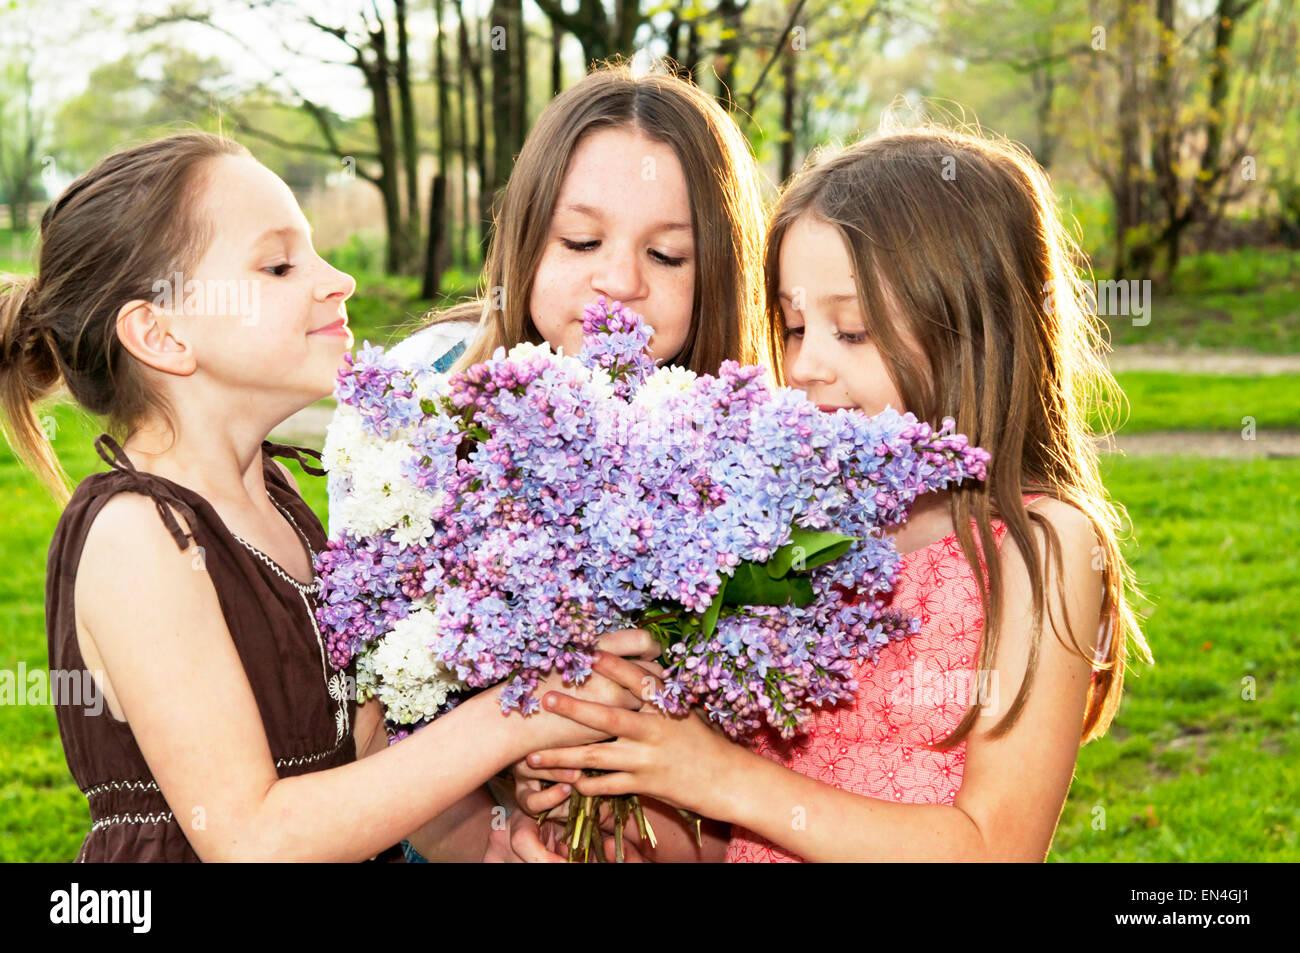 Le tre ragazze profumati lillà bouquet insieme Immagini Stock